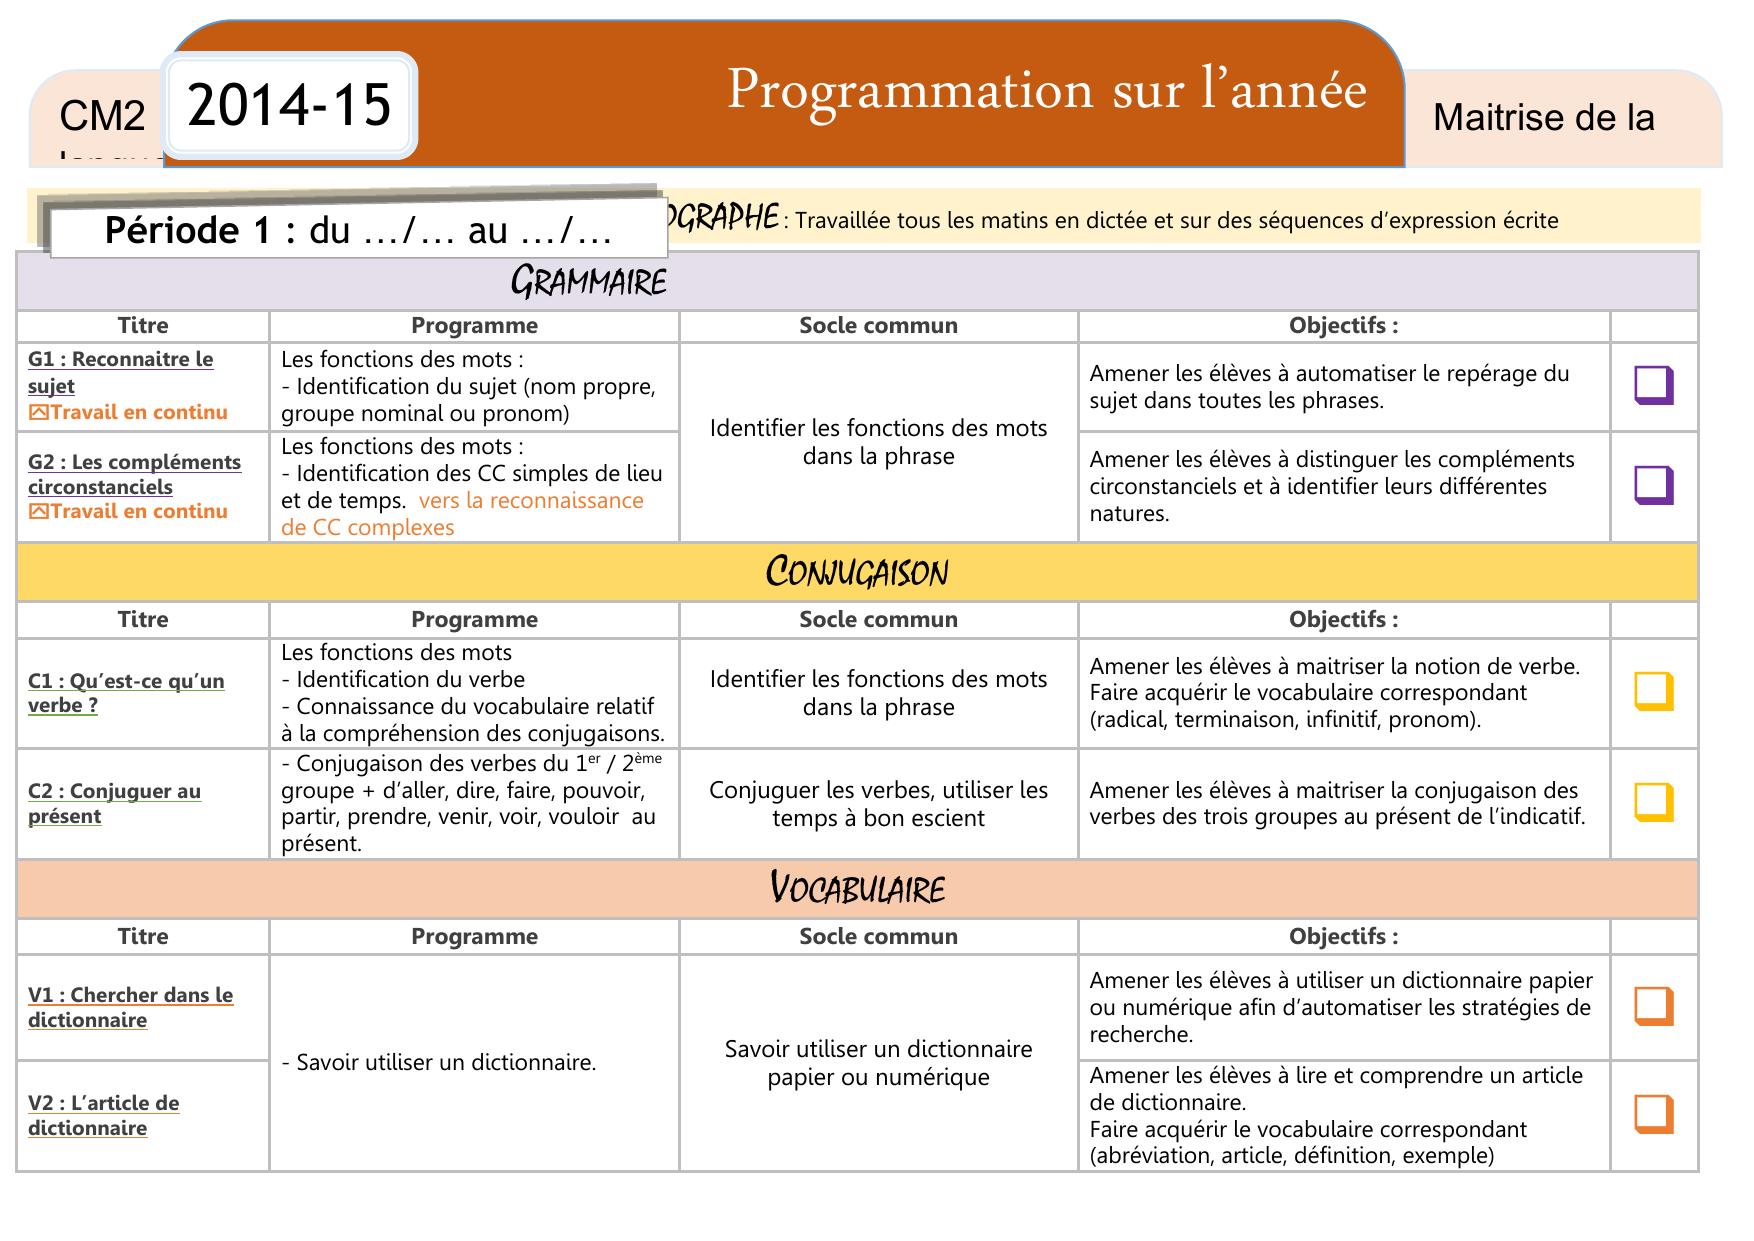 Programmation Francais Sur L